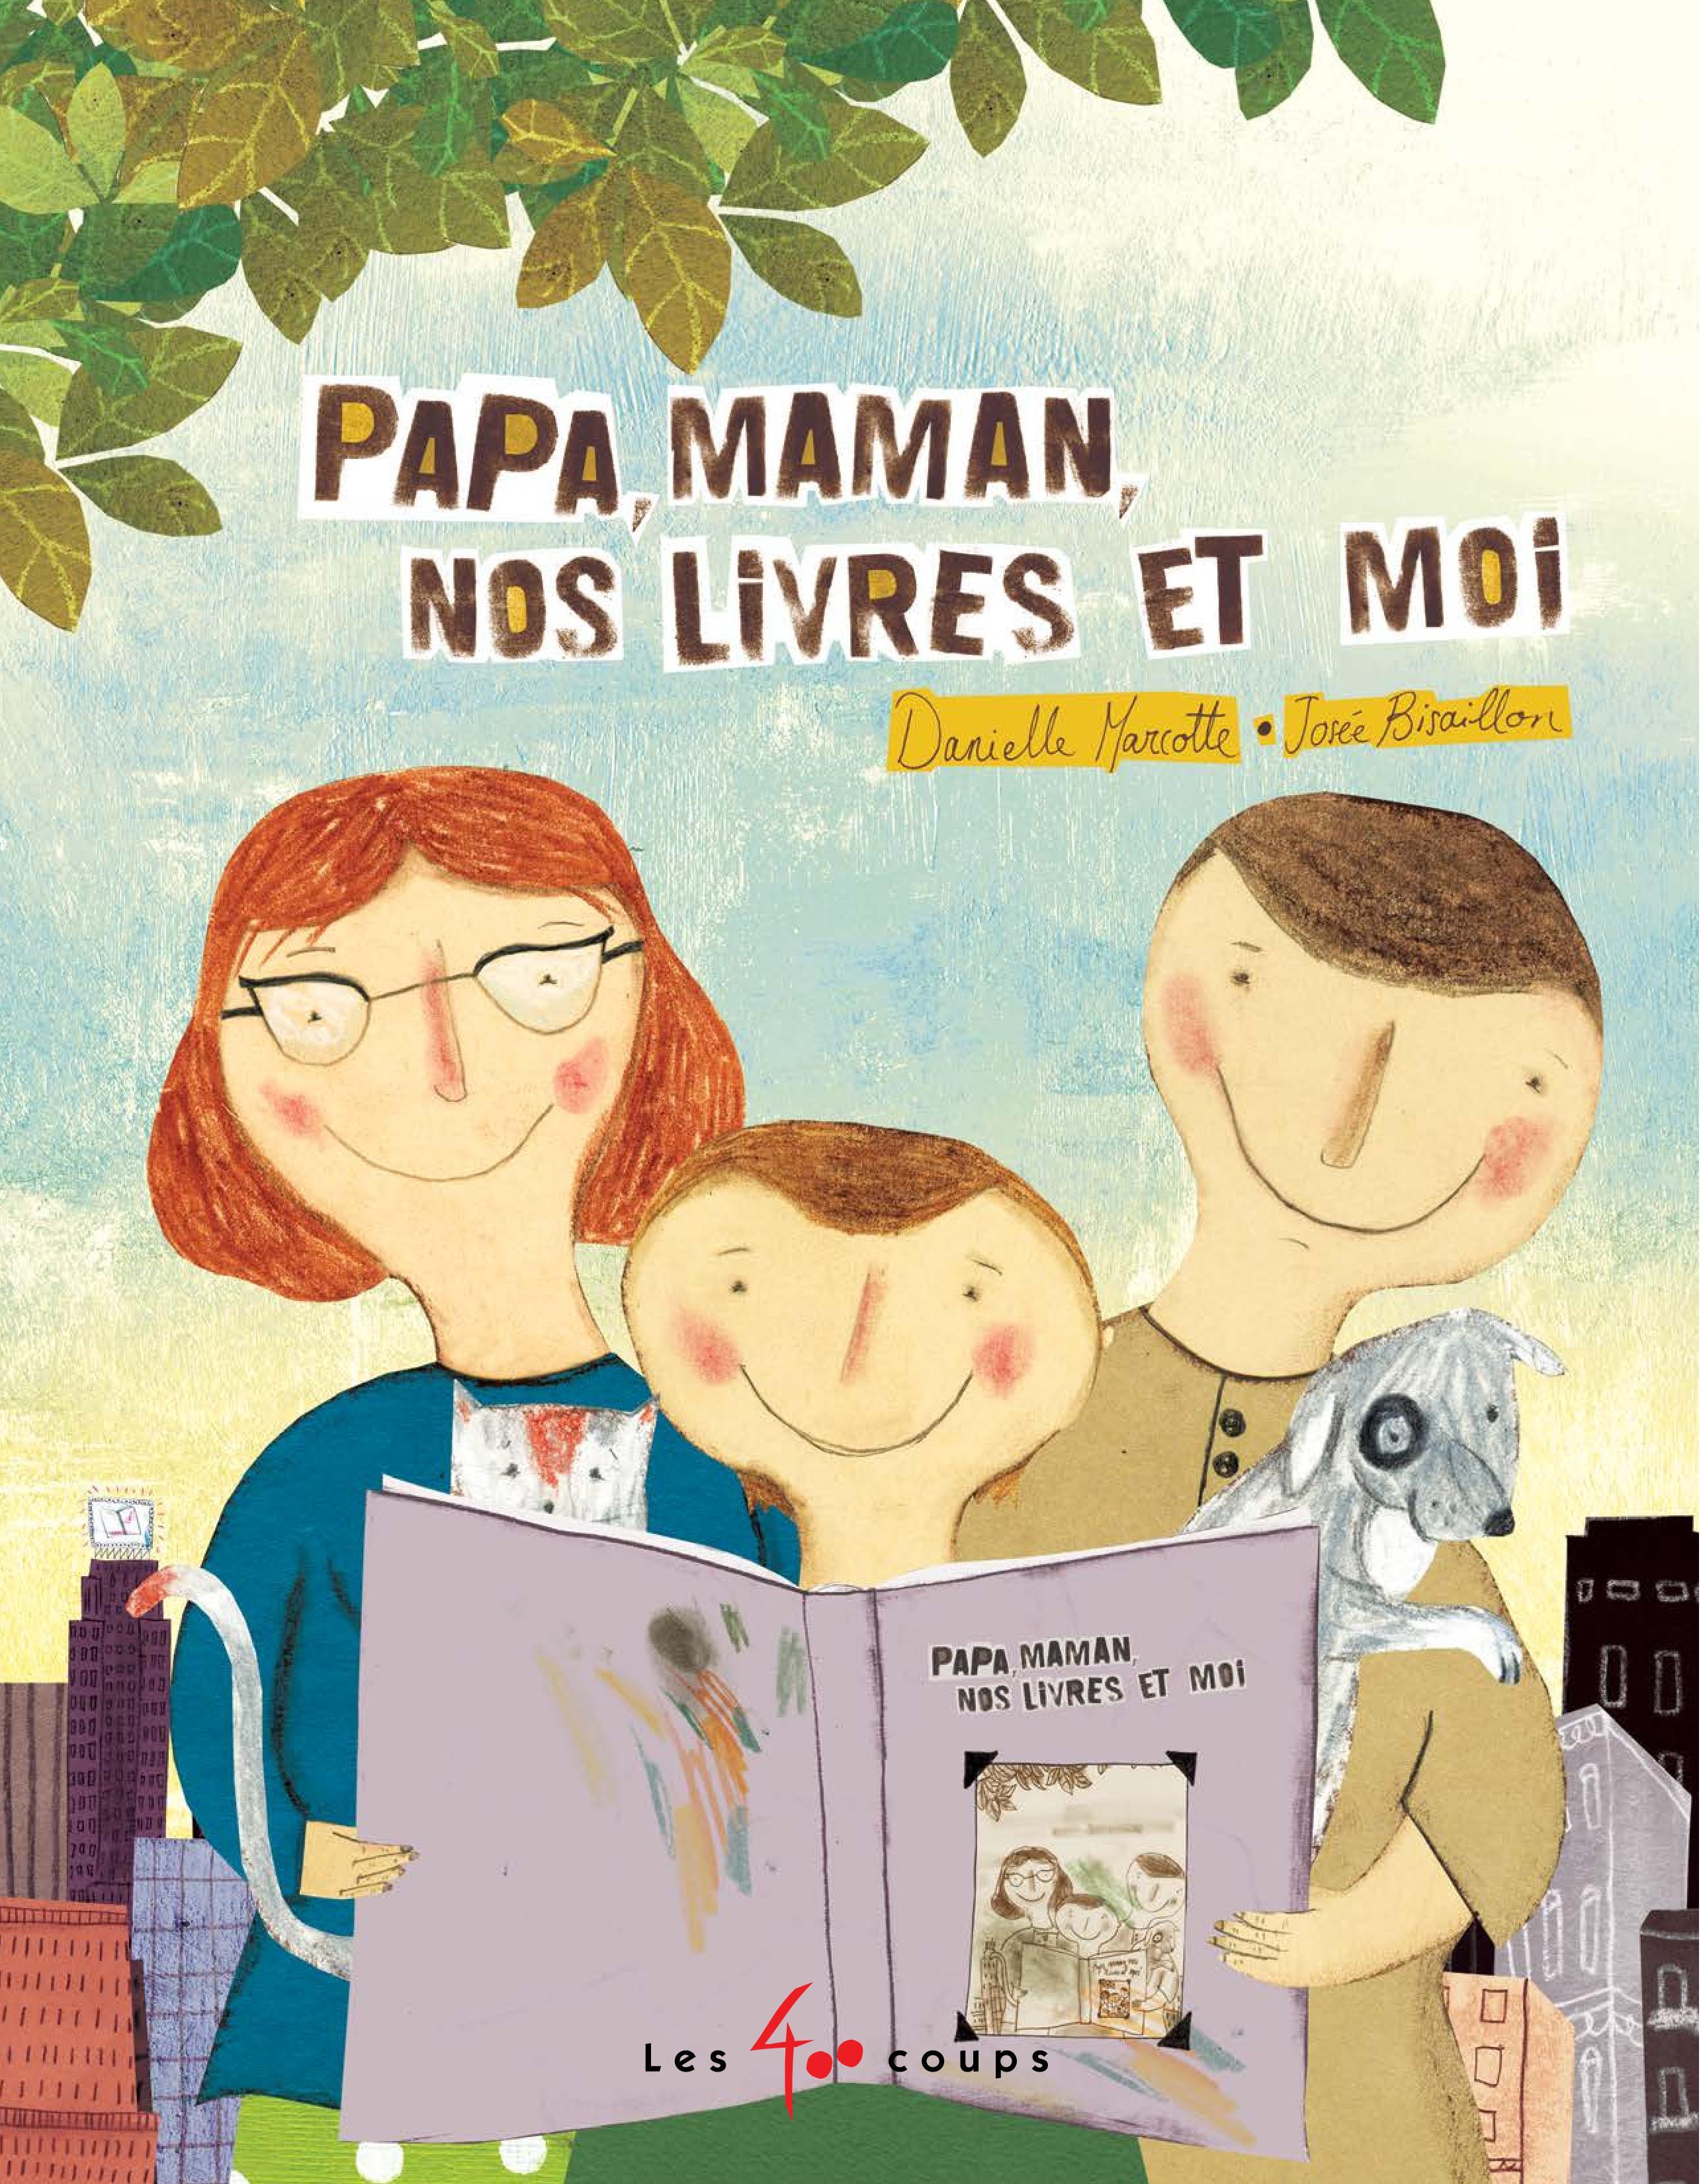 Couverture : Papa, maman, nos livres et moi Danielle Marcotte, Josée Bisaillon